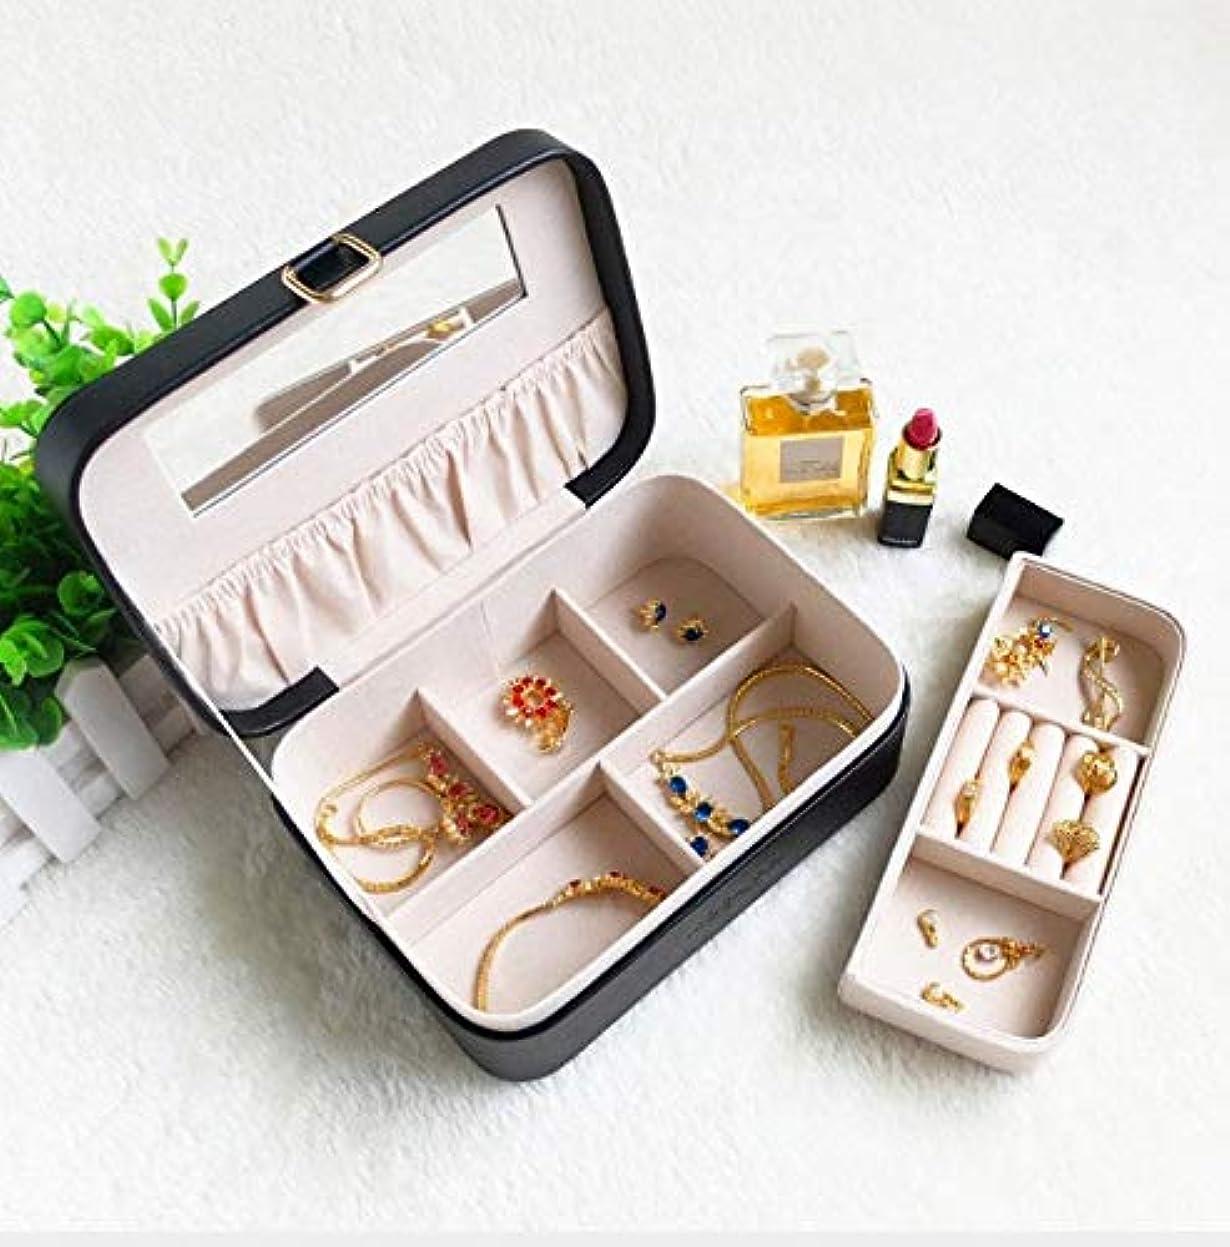 トロイの木馬ミキサーファイル化粧箱、レトロ化粧品防水ミラー化粧ケース、ポータブルトラベル化粧品バッグ収納袋、美容ジュエリー収納ボックス (Color : ブラック)